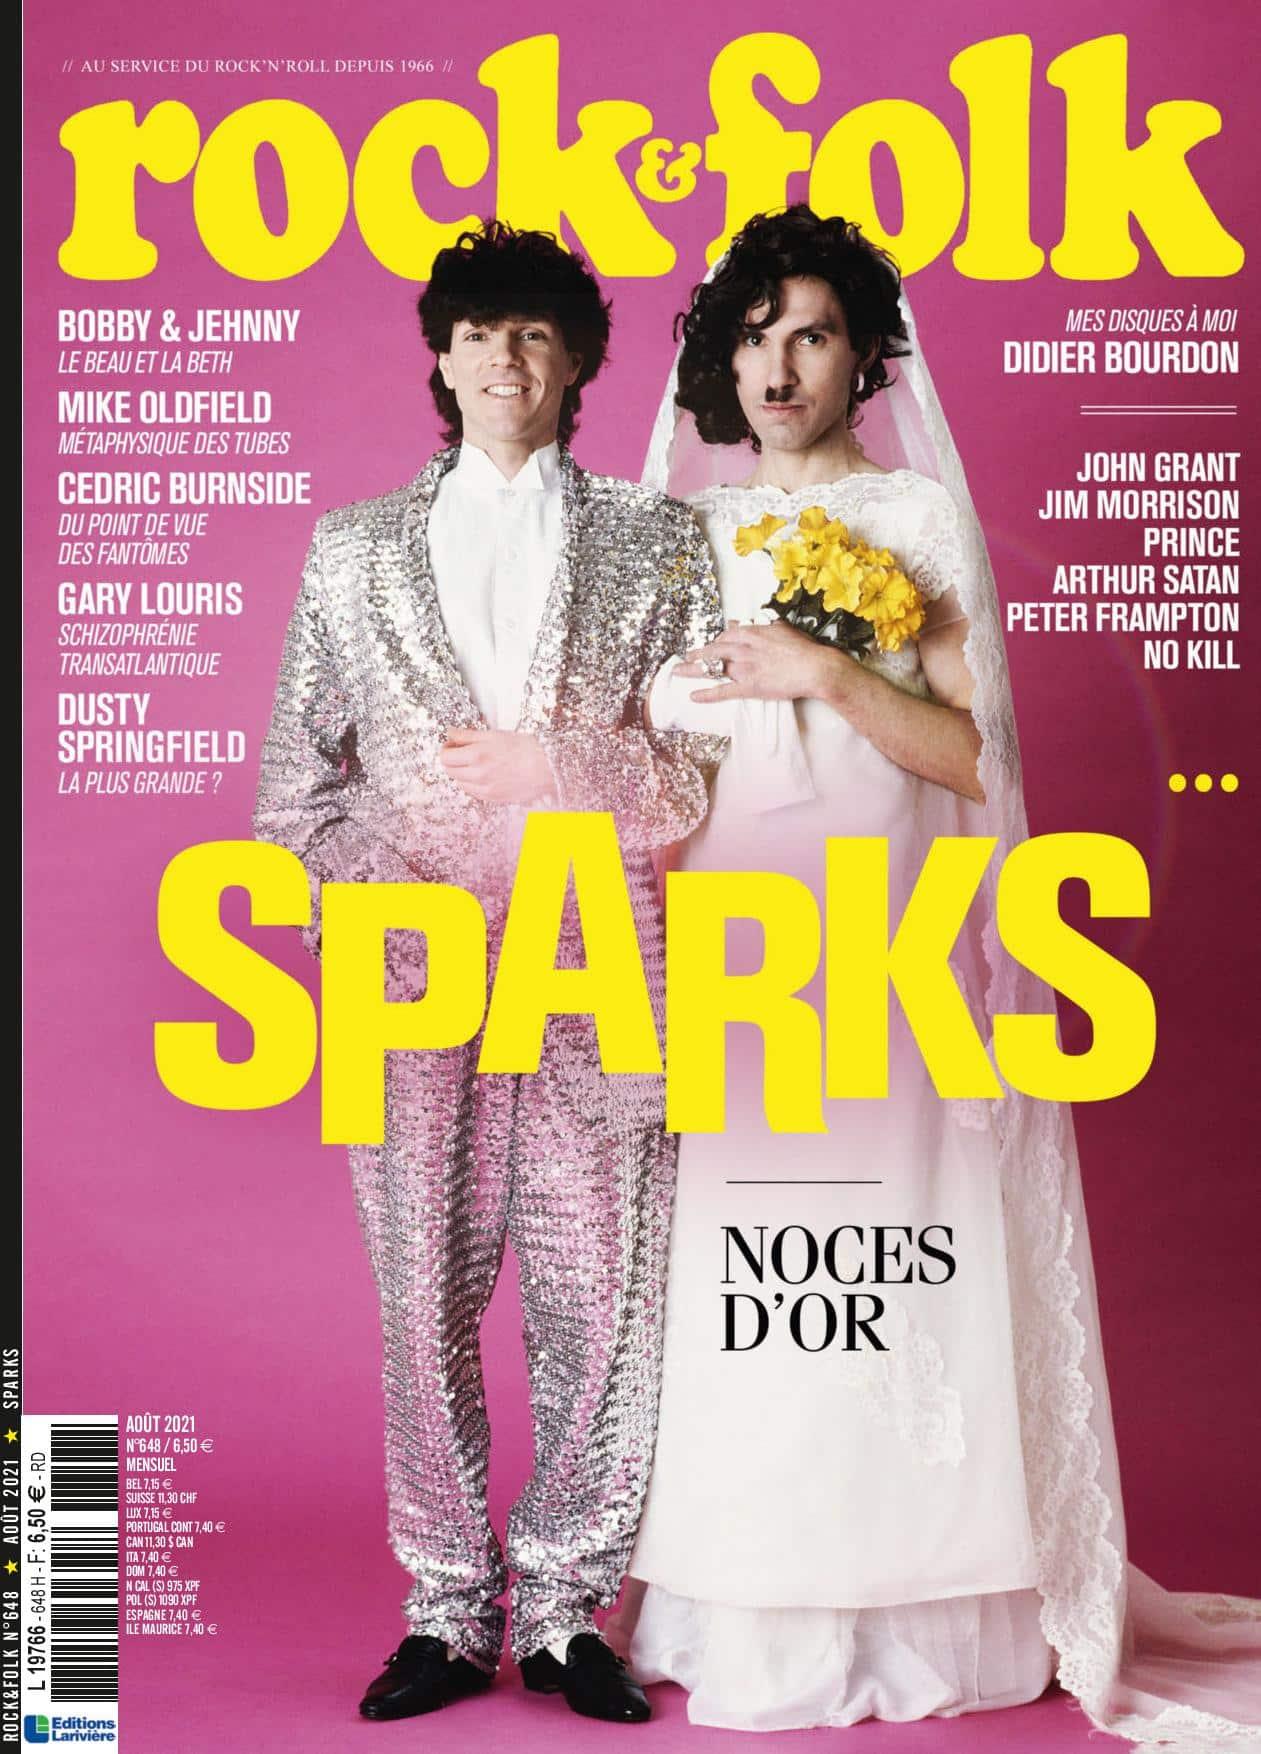 Sparks couverture de Rock&Folk